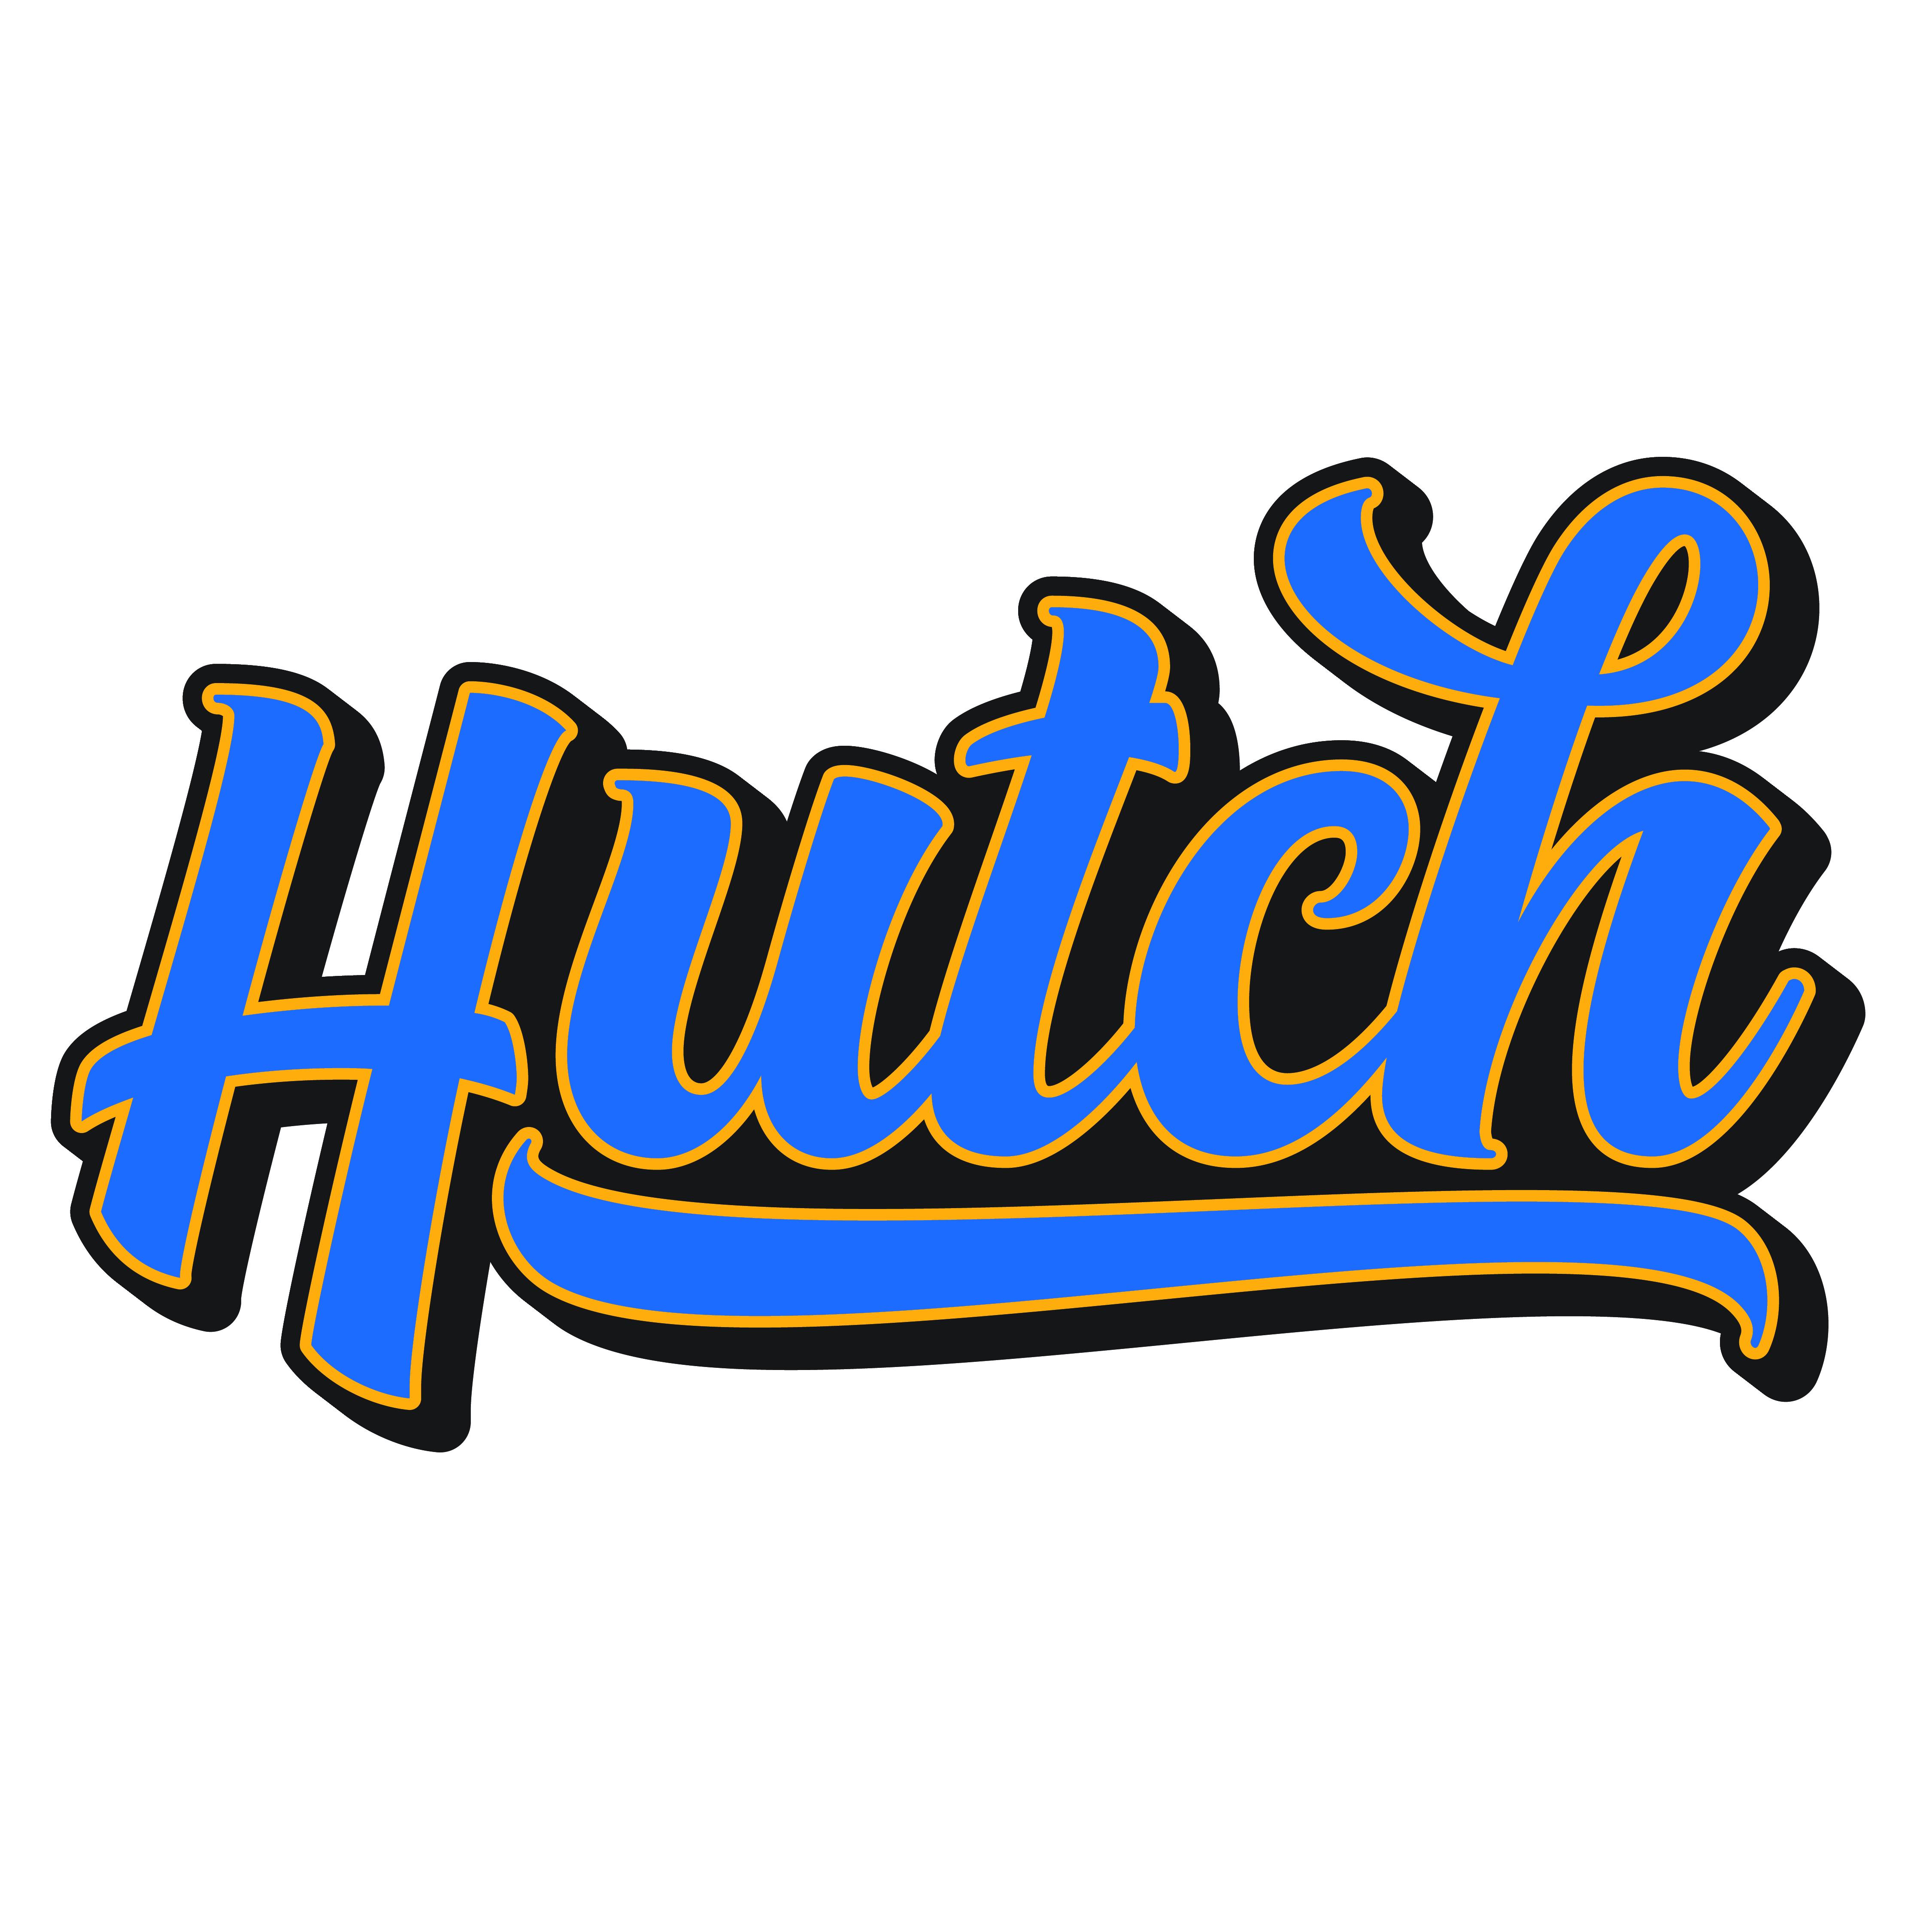 Hutchinson High School